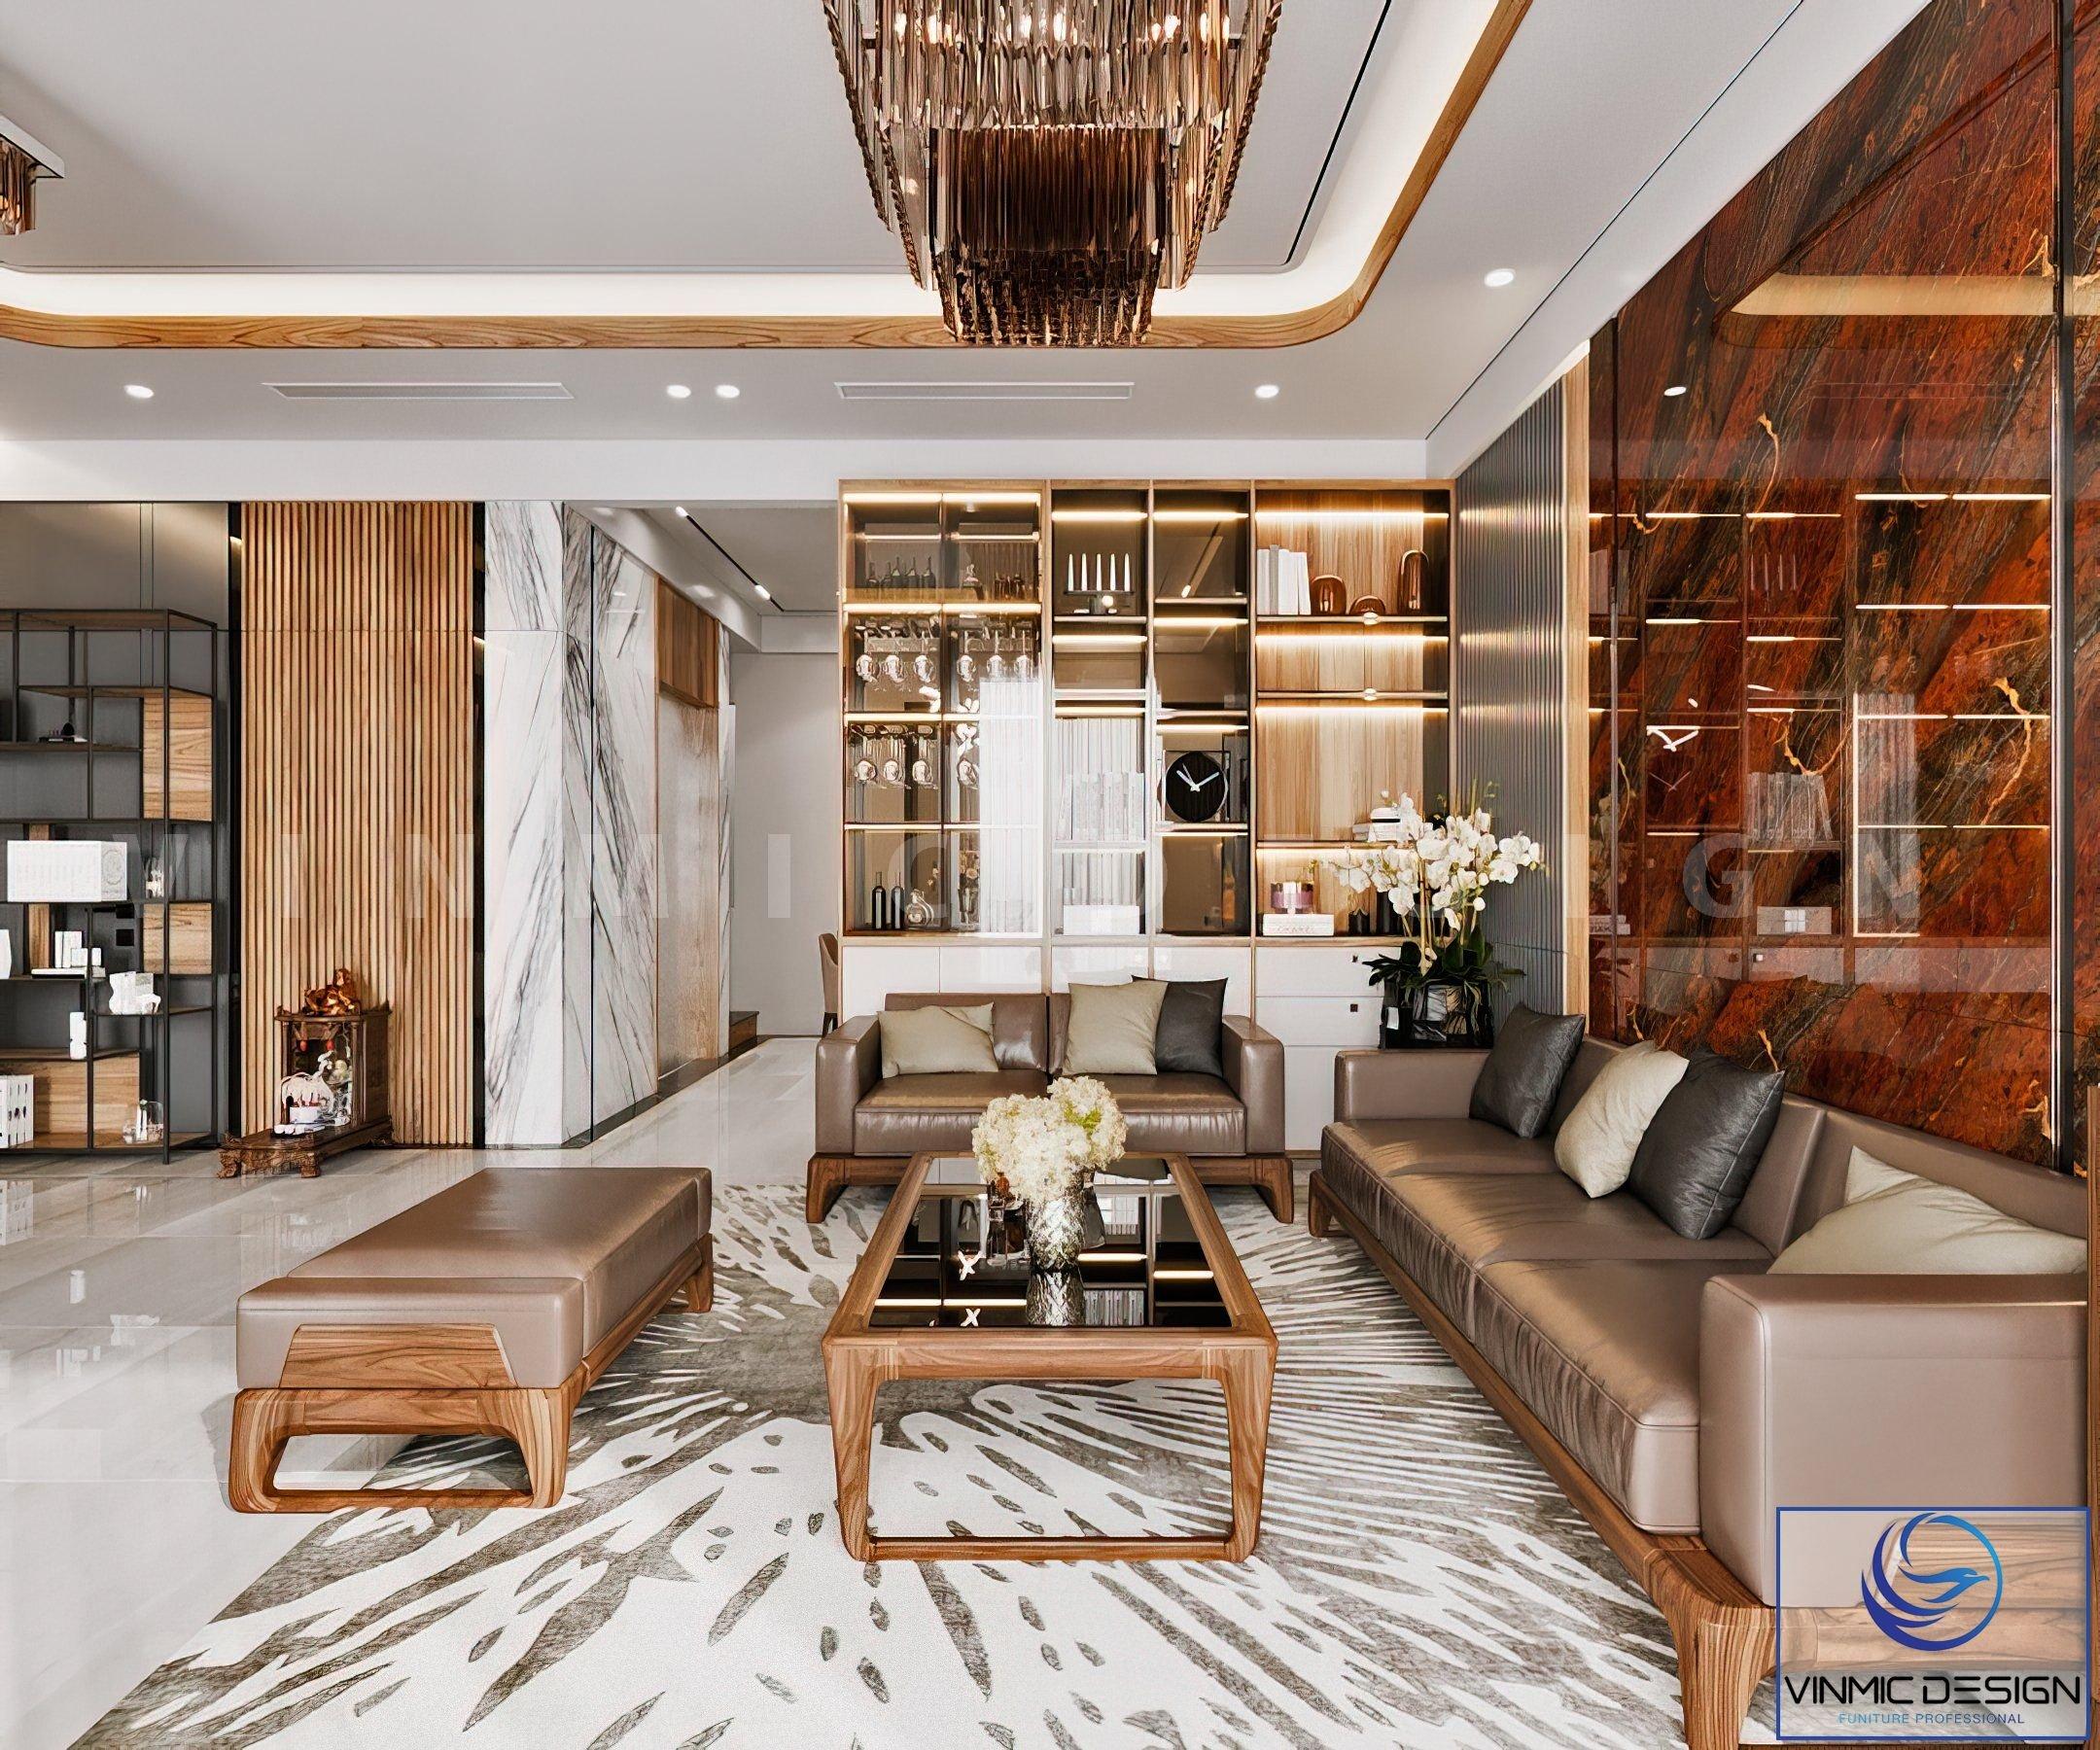 Vách sau sofo được làm bằng đá tự nhiên tôn lên vẻ sang trọng cho căn phòng.